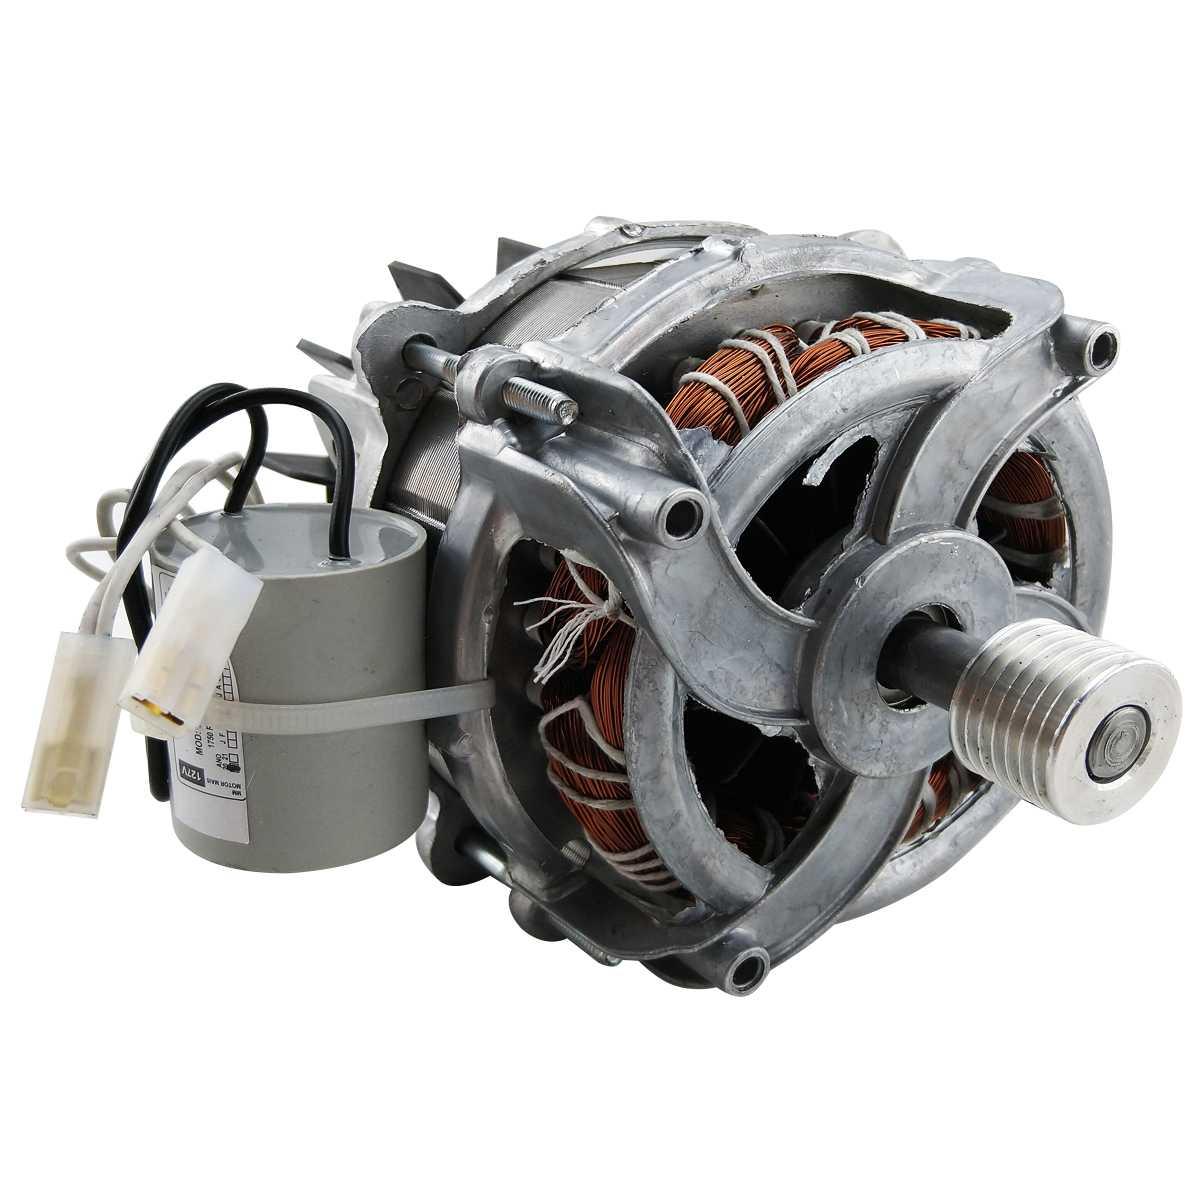 Motor 127v Compatível tanquinho Suggar polia estriada